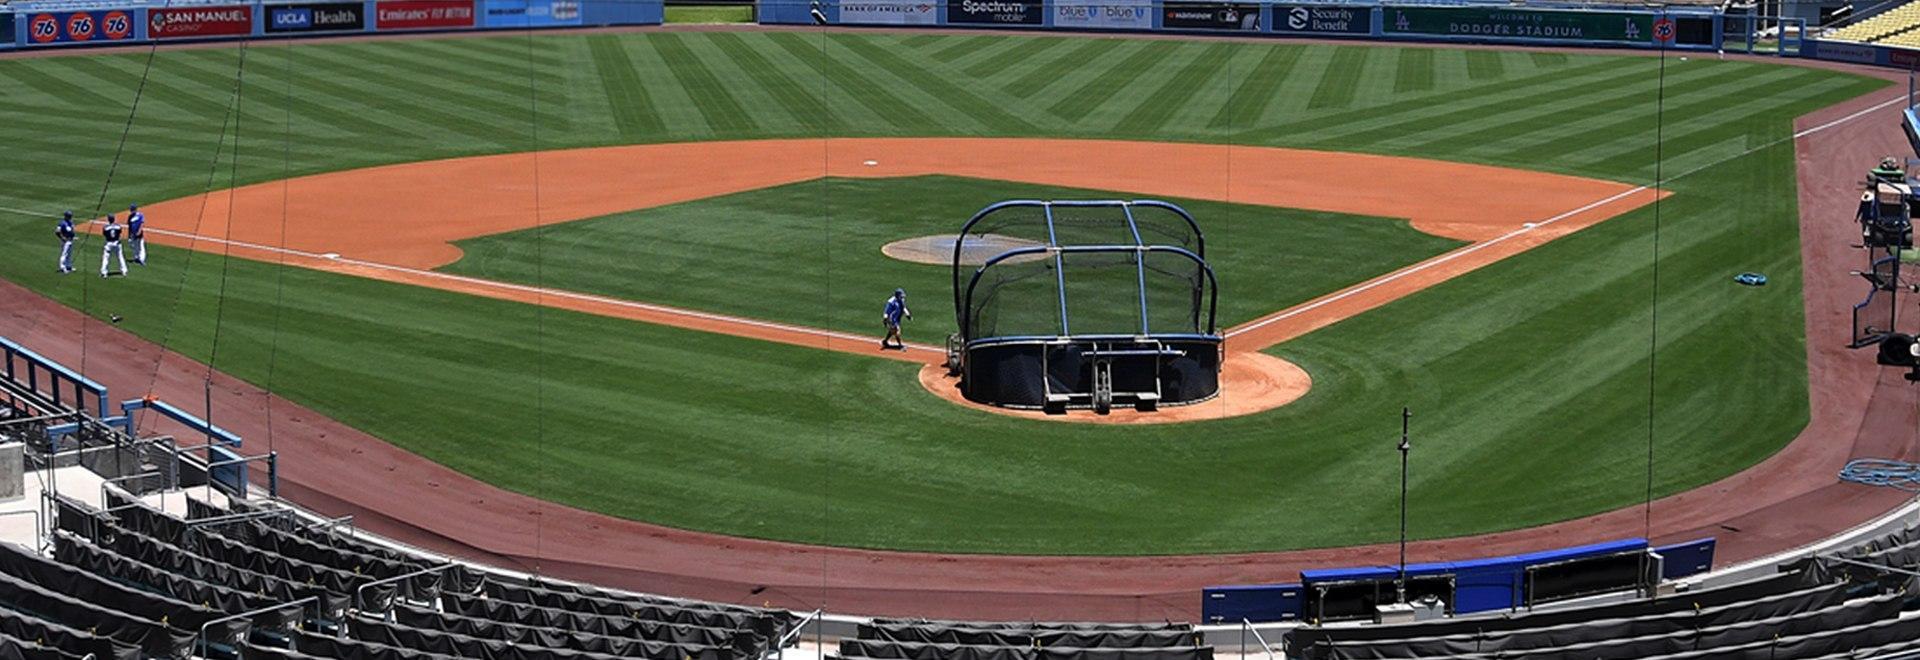 NY Yankees - NY Mets